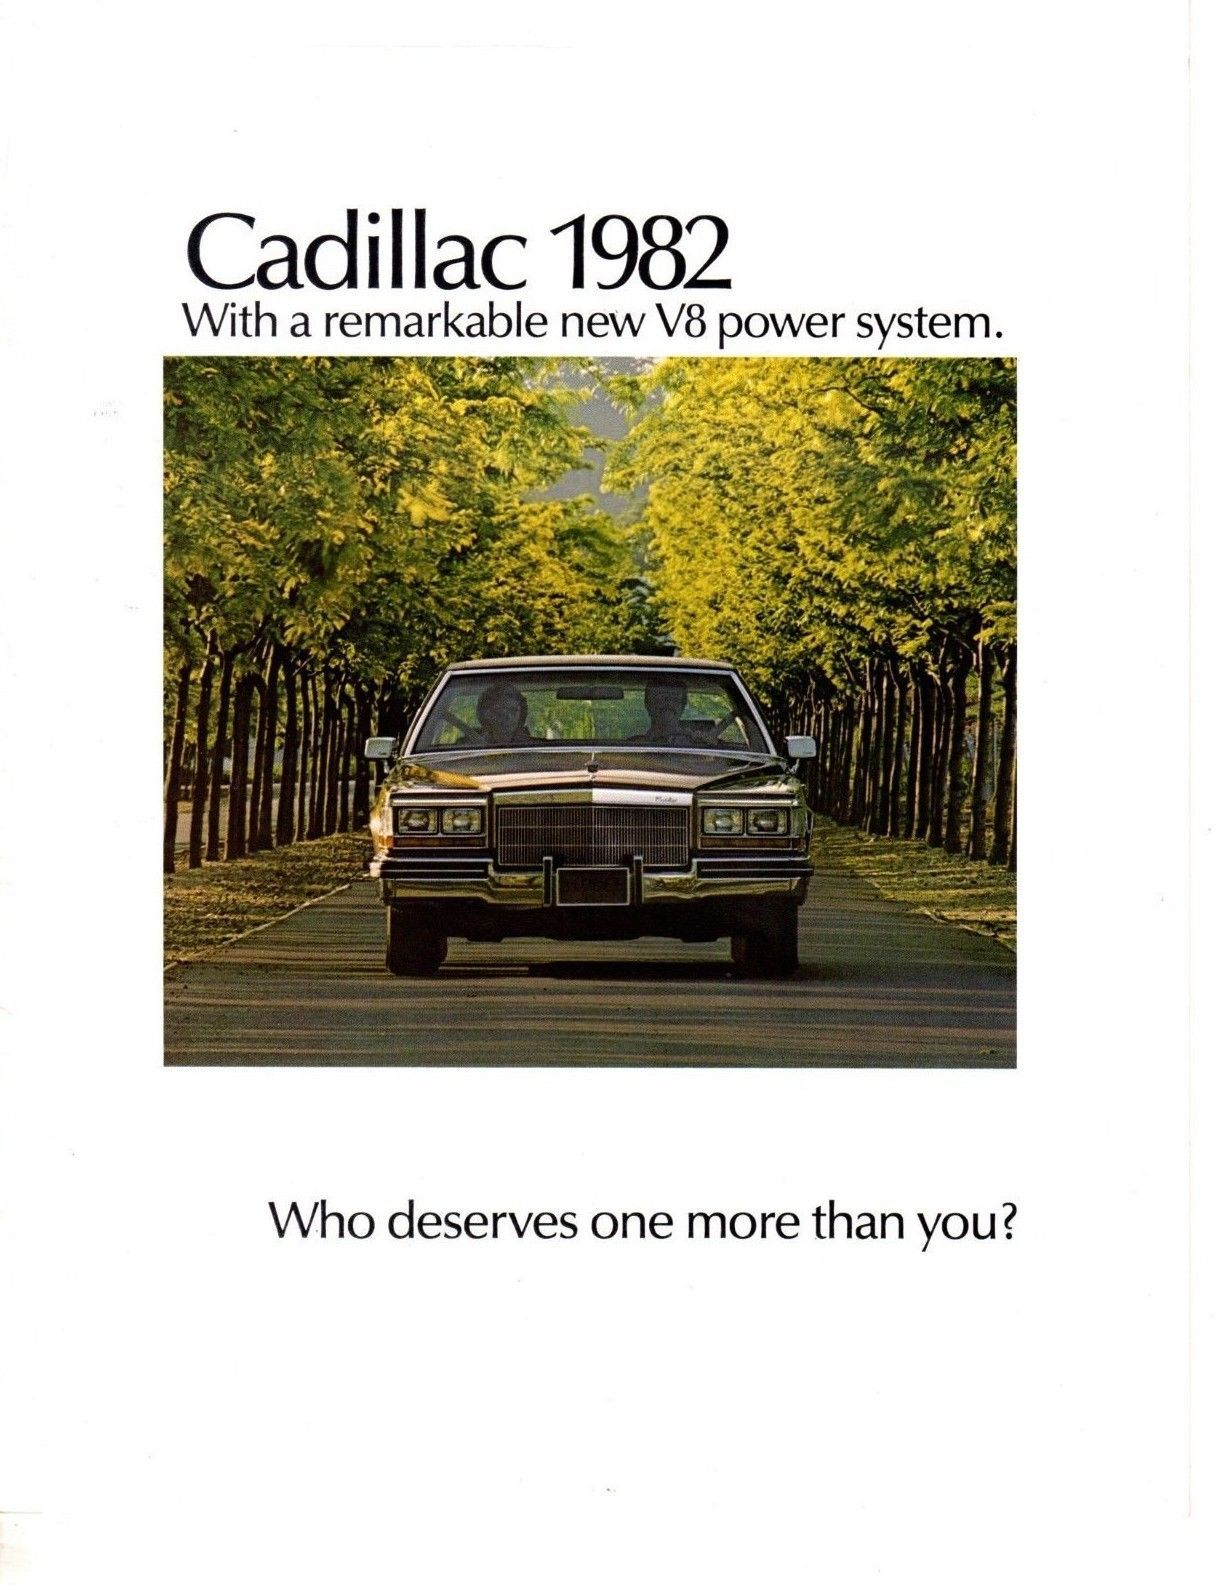 1995 GMC Yukon 4-door 32-page Original Car Dealer Sales Brochure Catalog